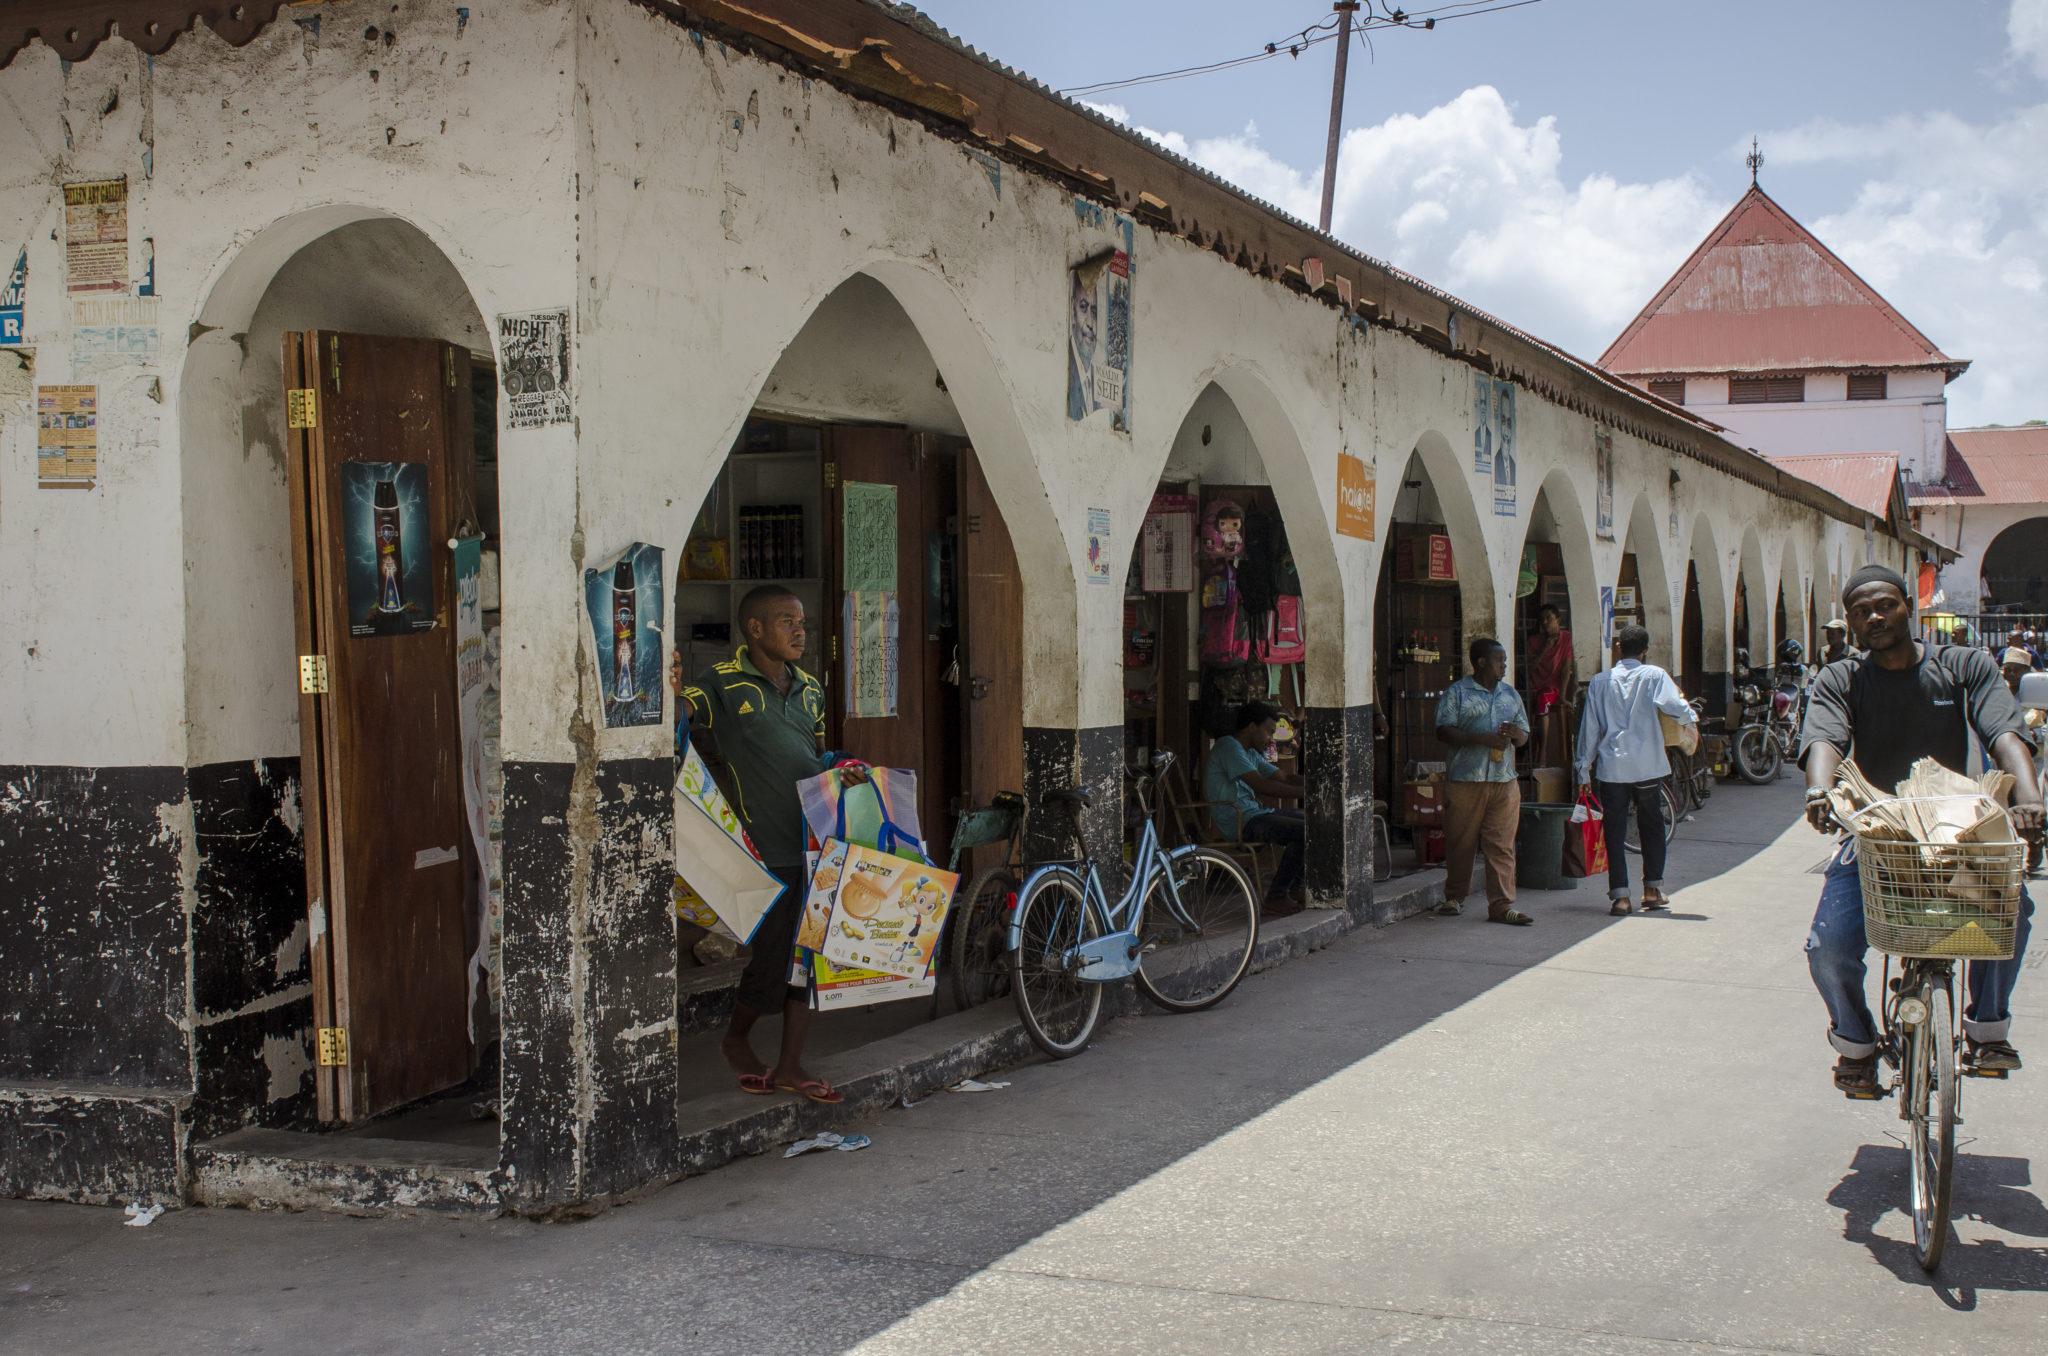 Ein einheimischer Markt in Stone Town auf Sansibar in Tansania